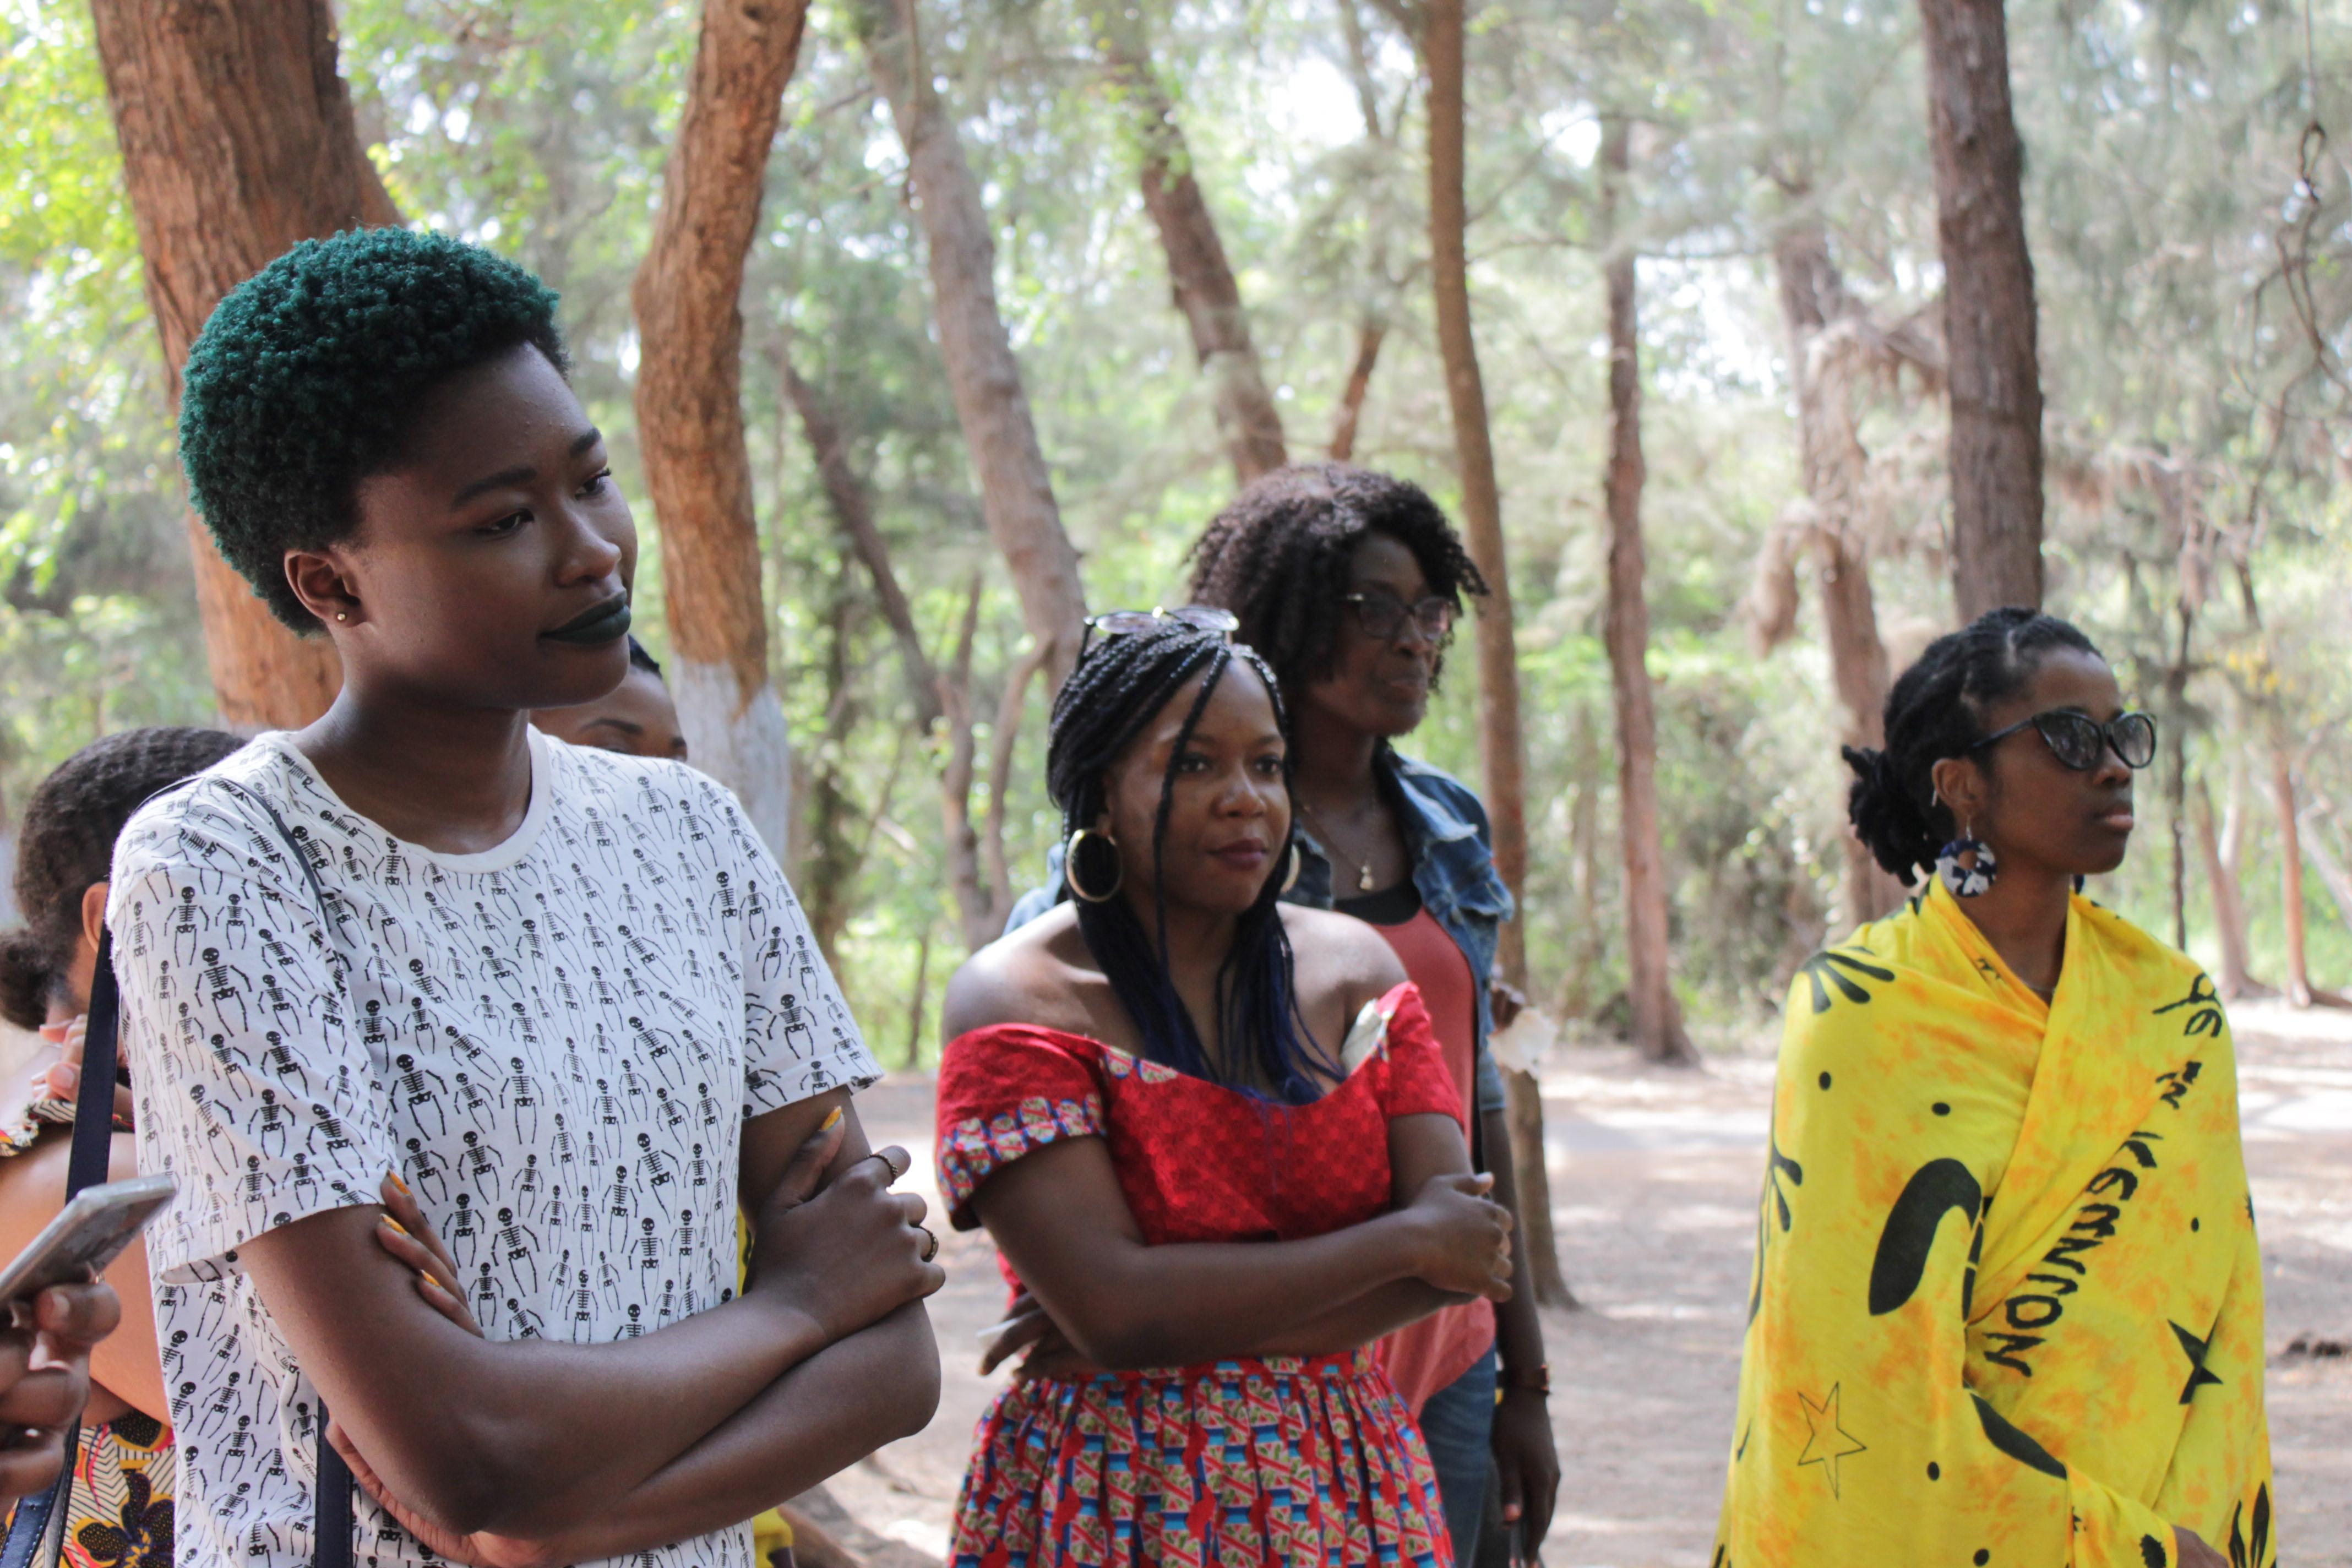 we-sisterhood-2017-dakar-19-bilan-femmes-noires-cheveux-afro-crepu-rencontre-lunettes